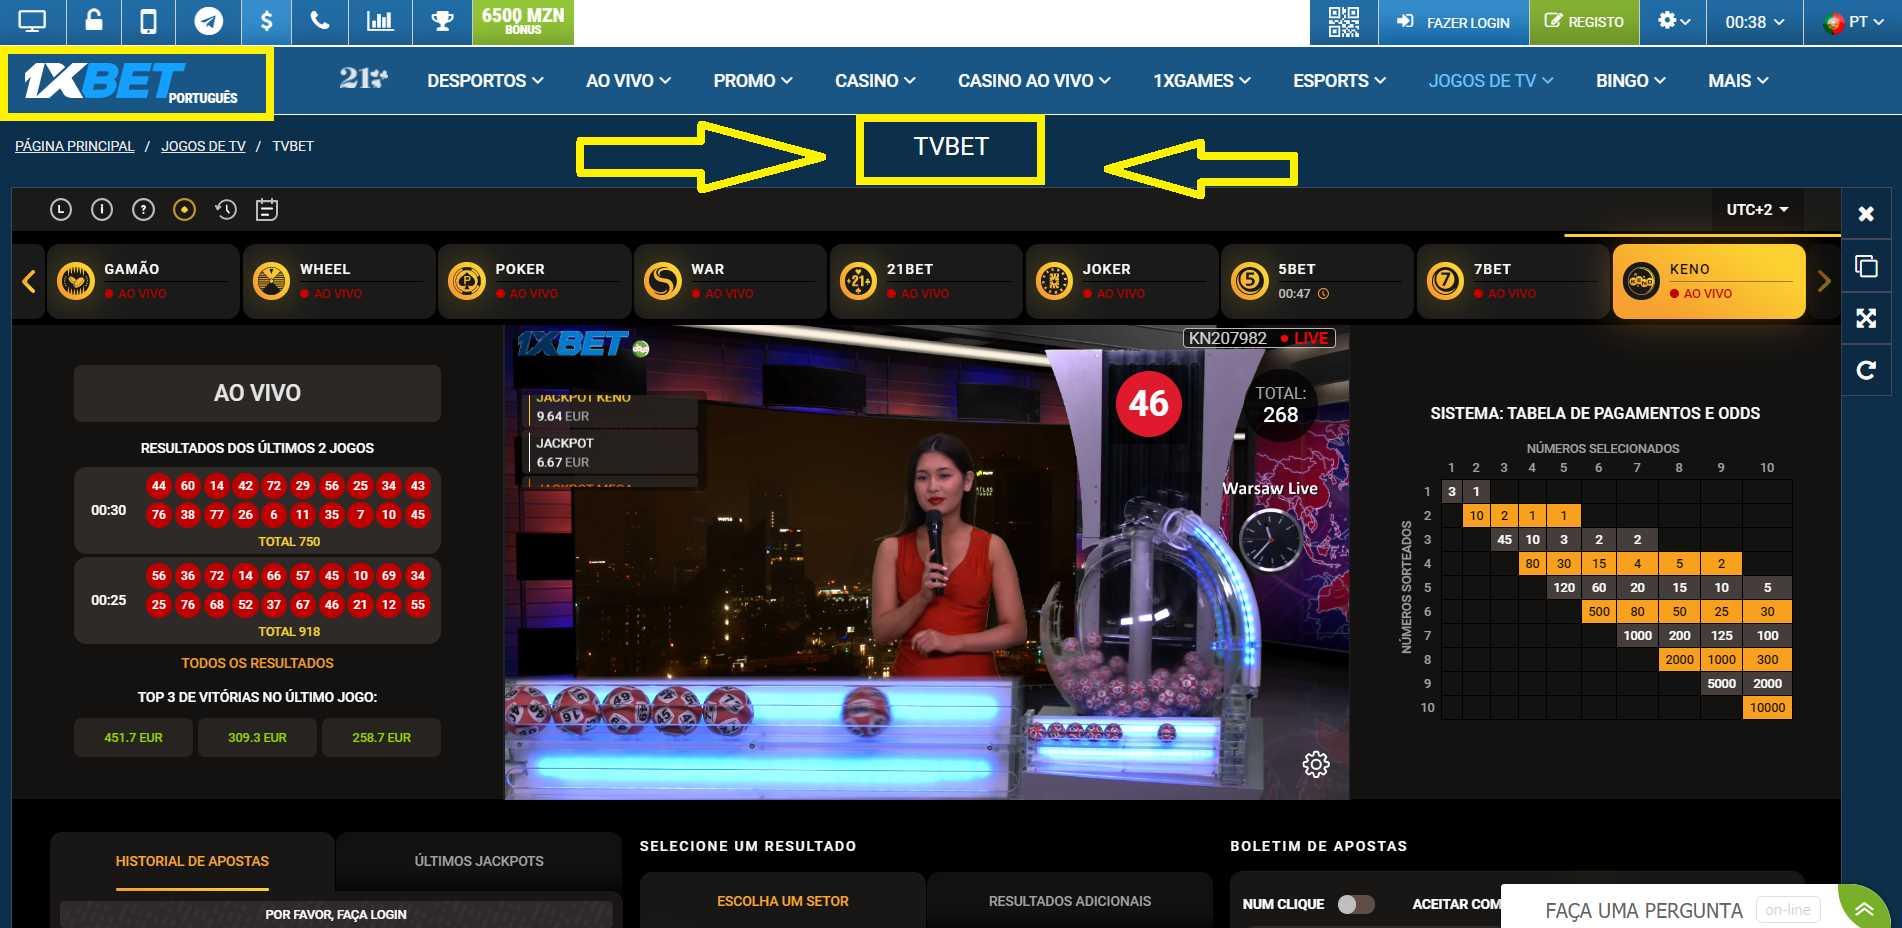 É possível apostar e assistir a jogos ao vivo com o 1xBet mobile